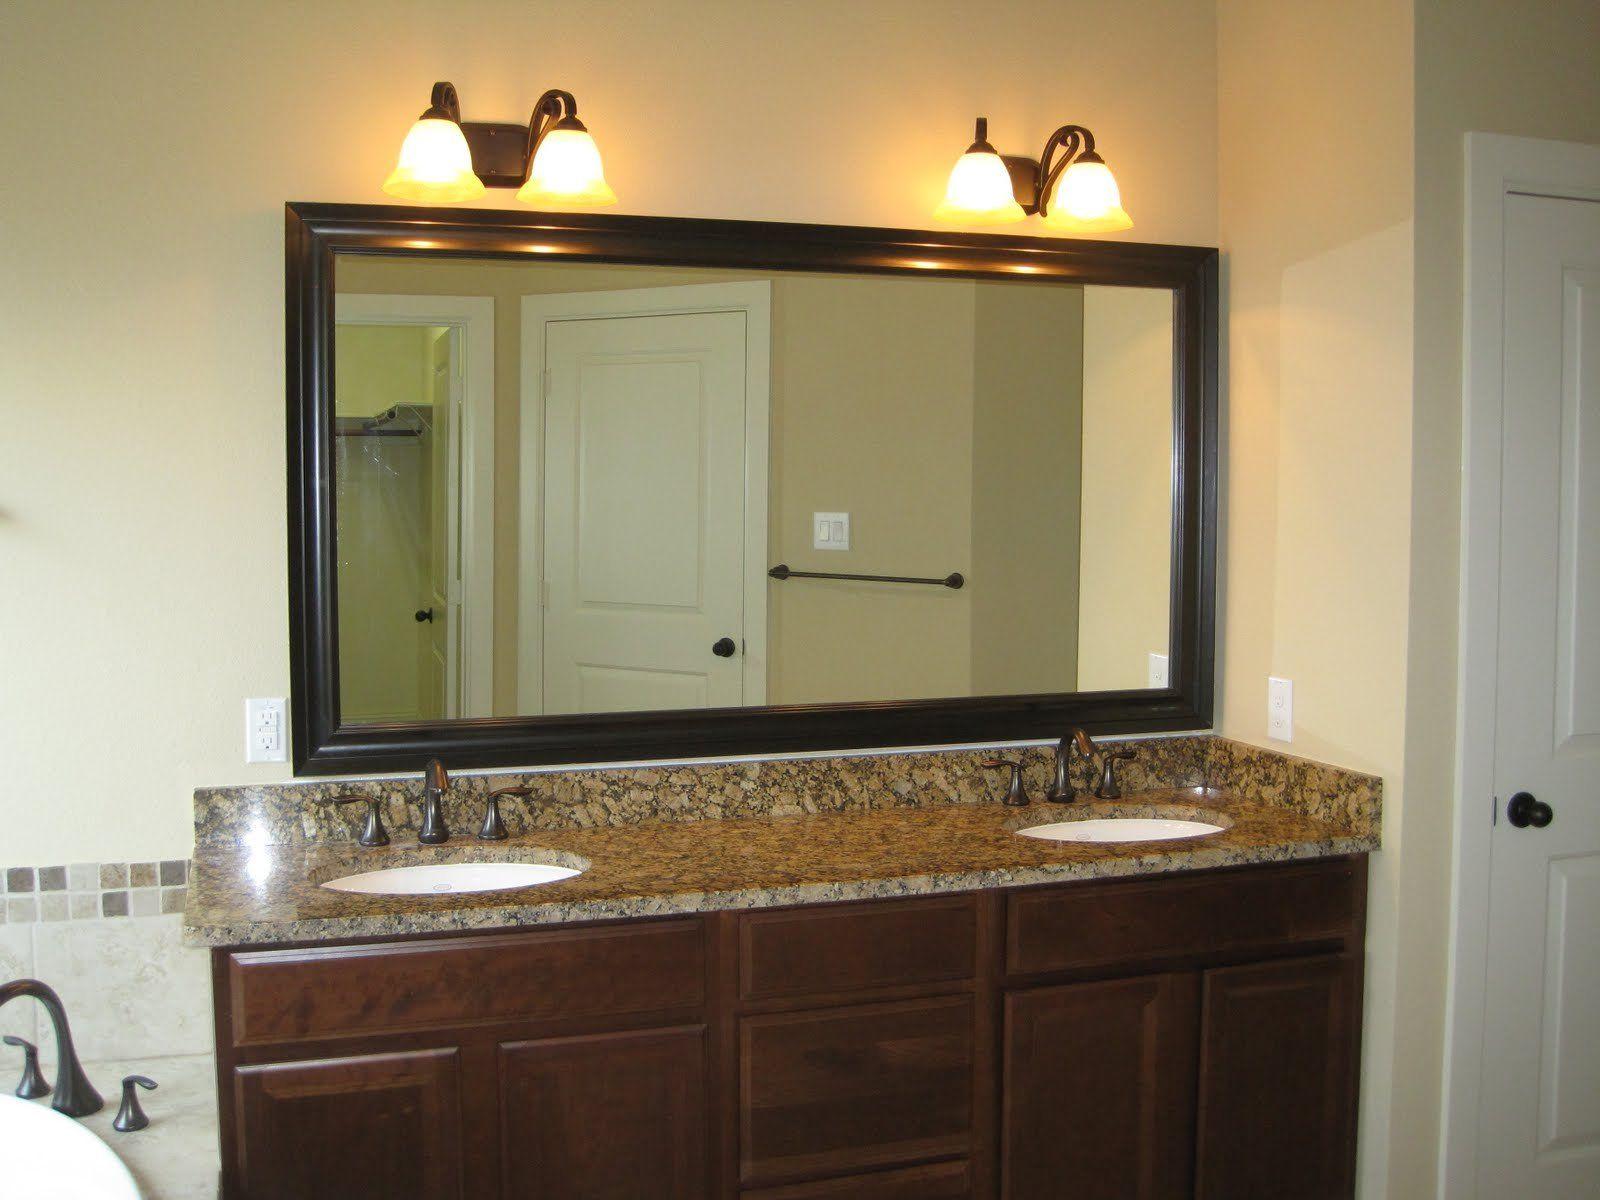 Badezimmer Beleuchtung Ideen Bronze Badezimmer Badezimmerspiegel Rahmen Badezimmerspiegel Beleuchtung